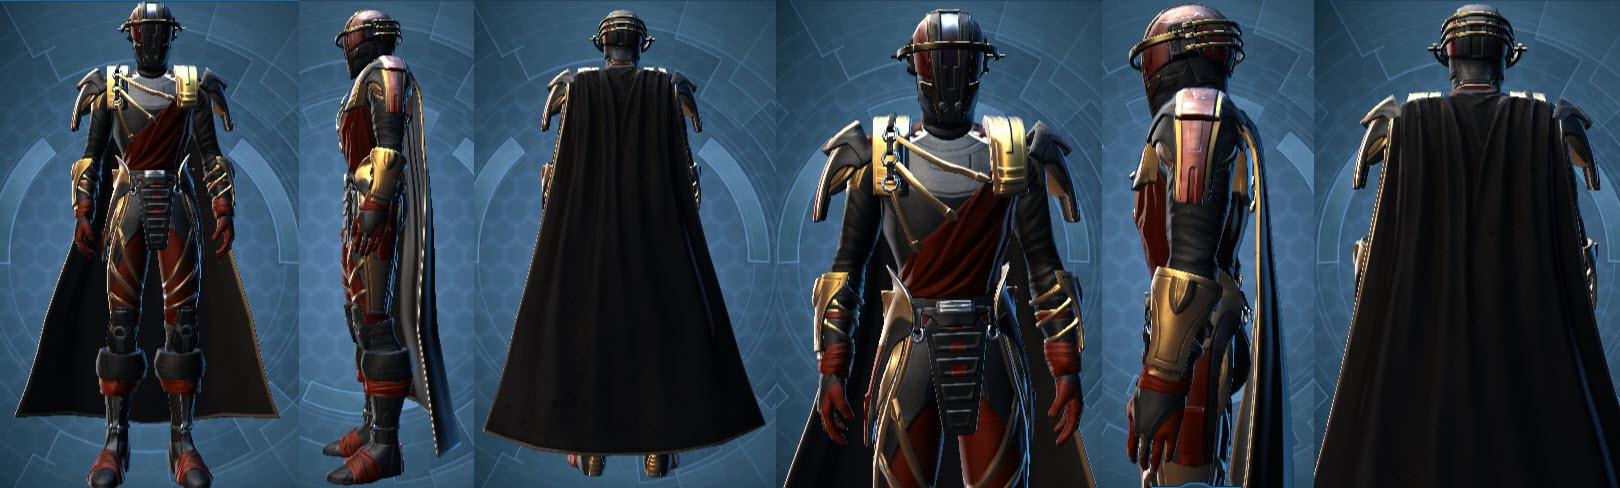 swtor-revanite-avenger-armor-set-male